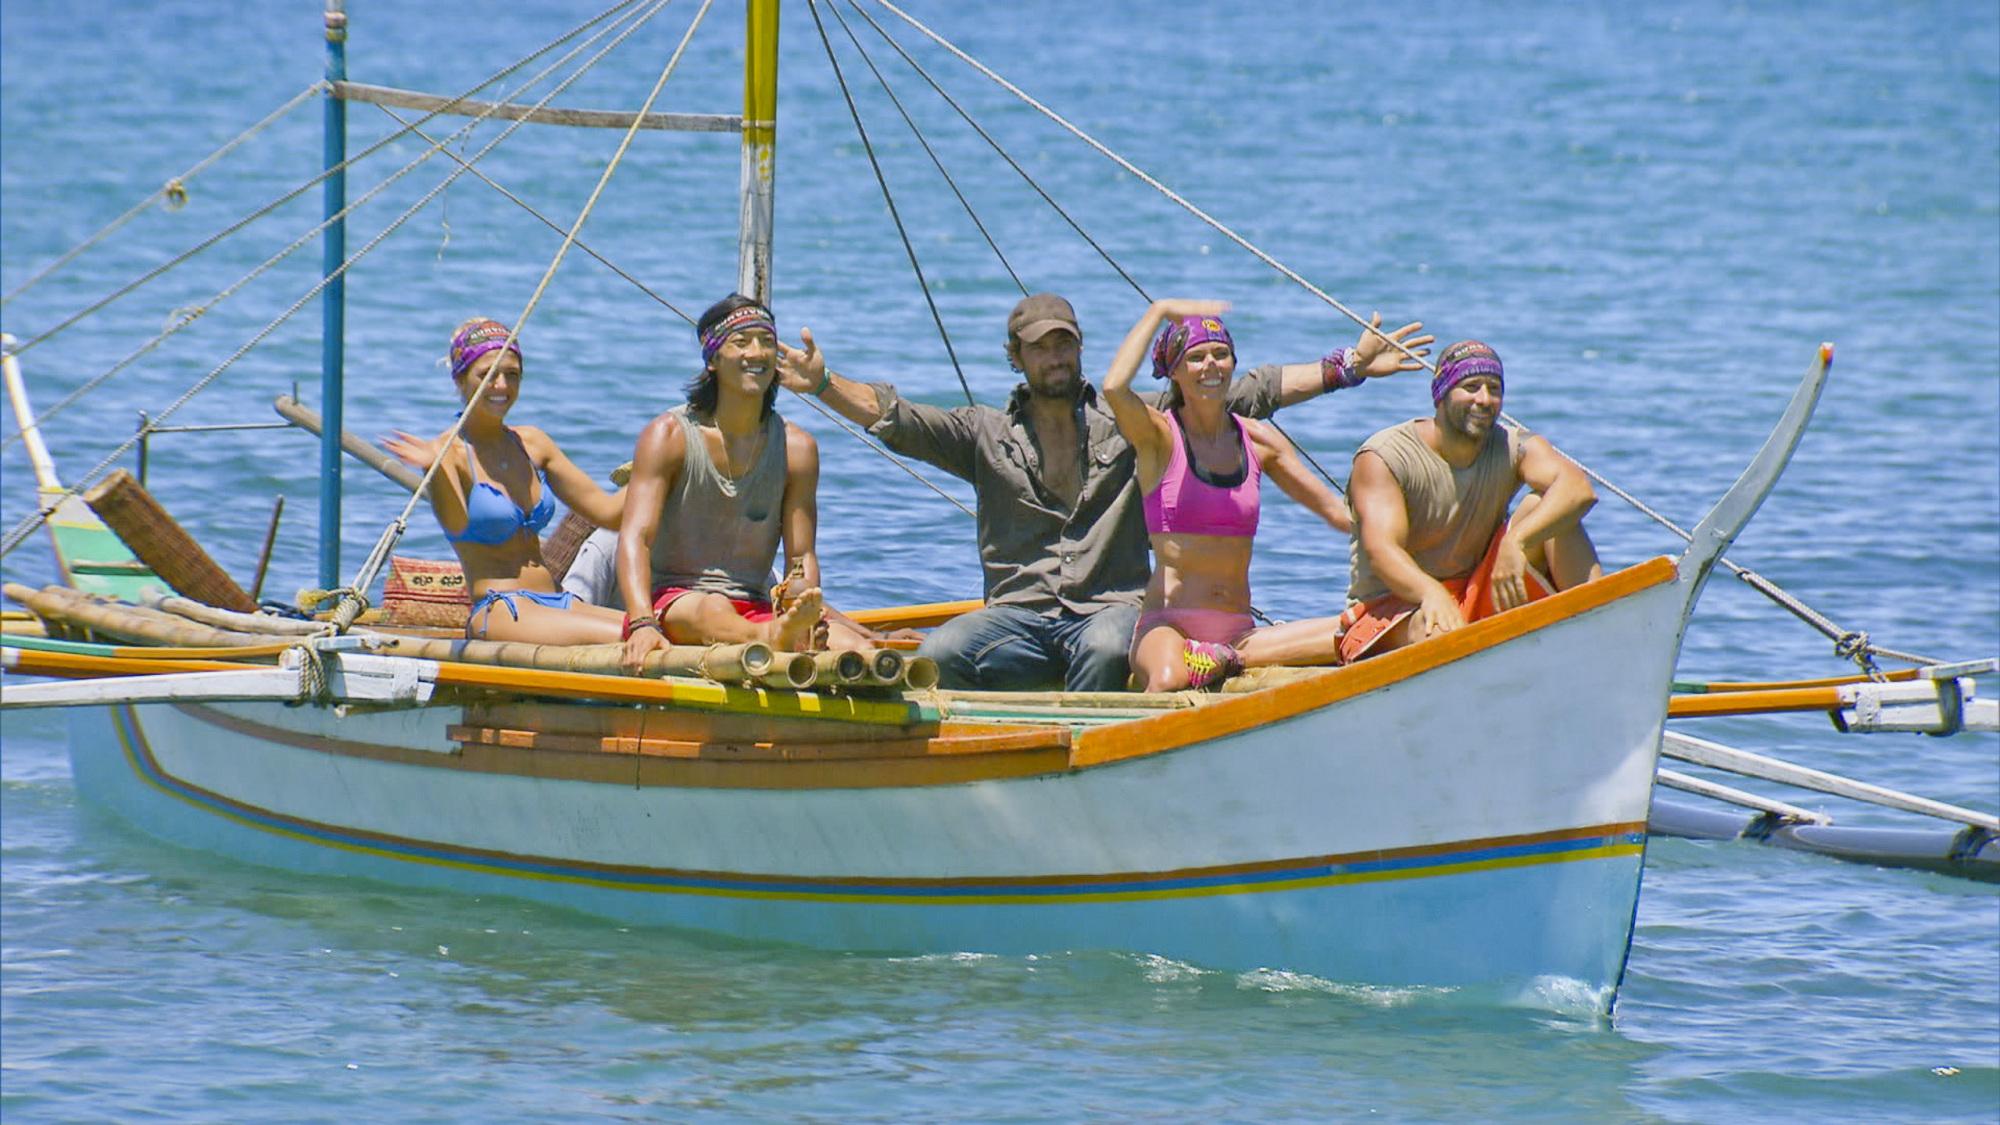 On a boat in Season 28 Episode 6